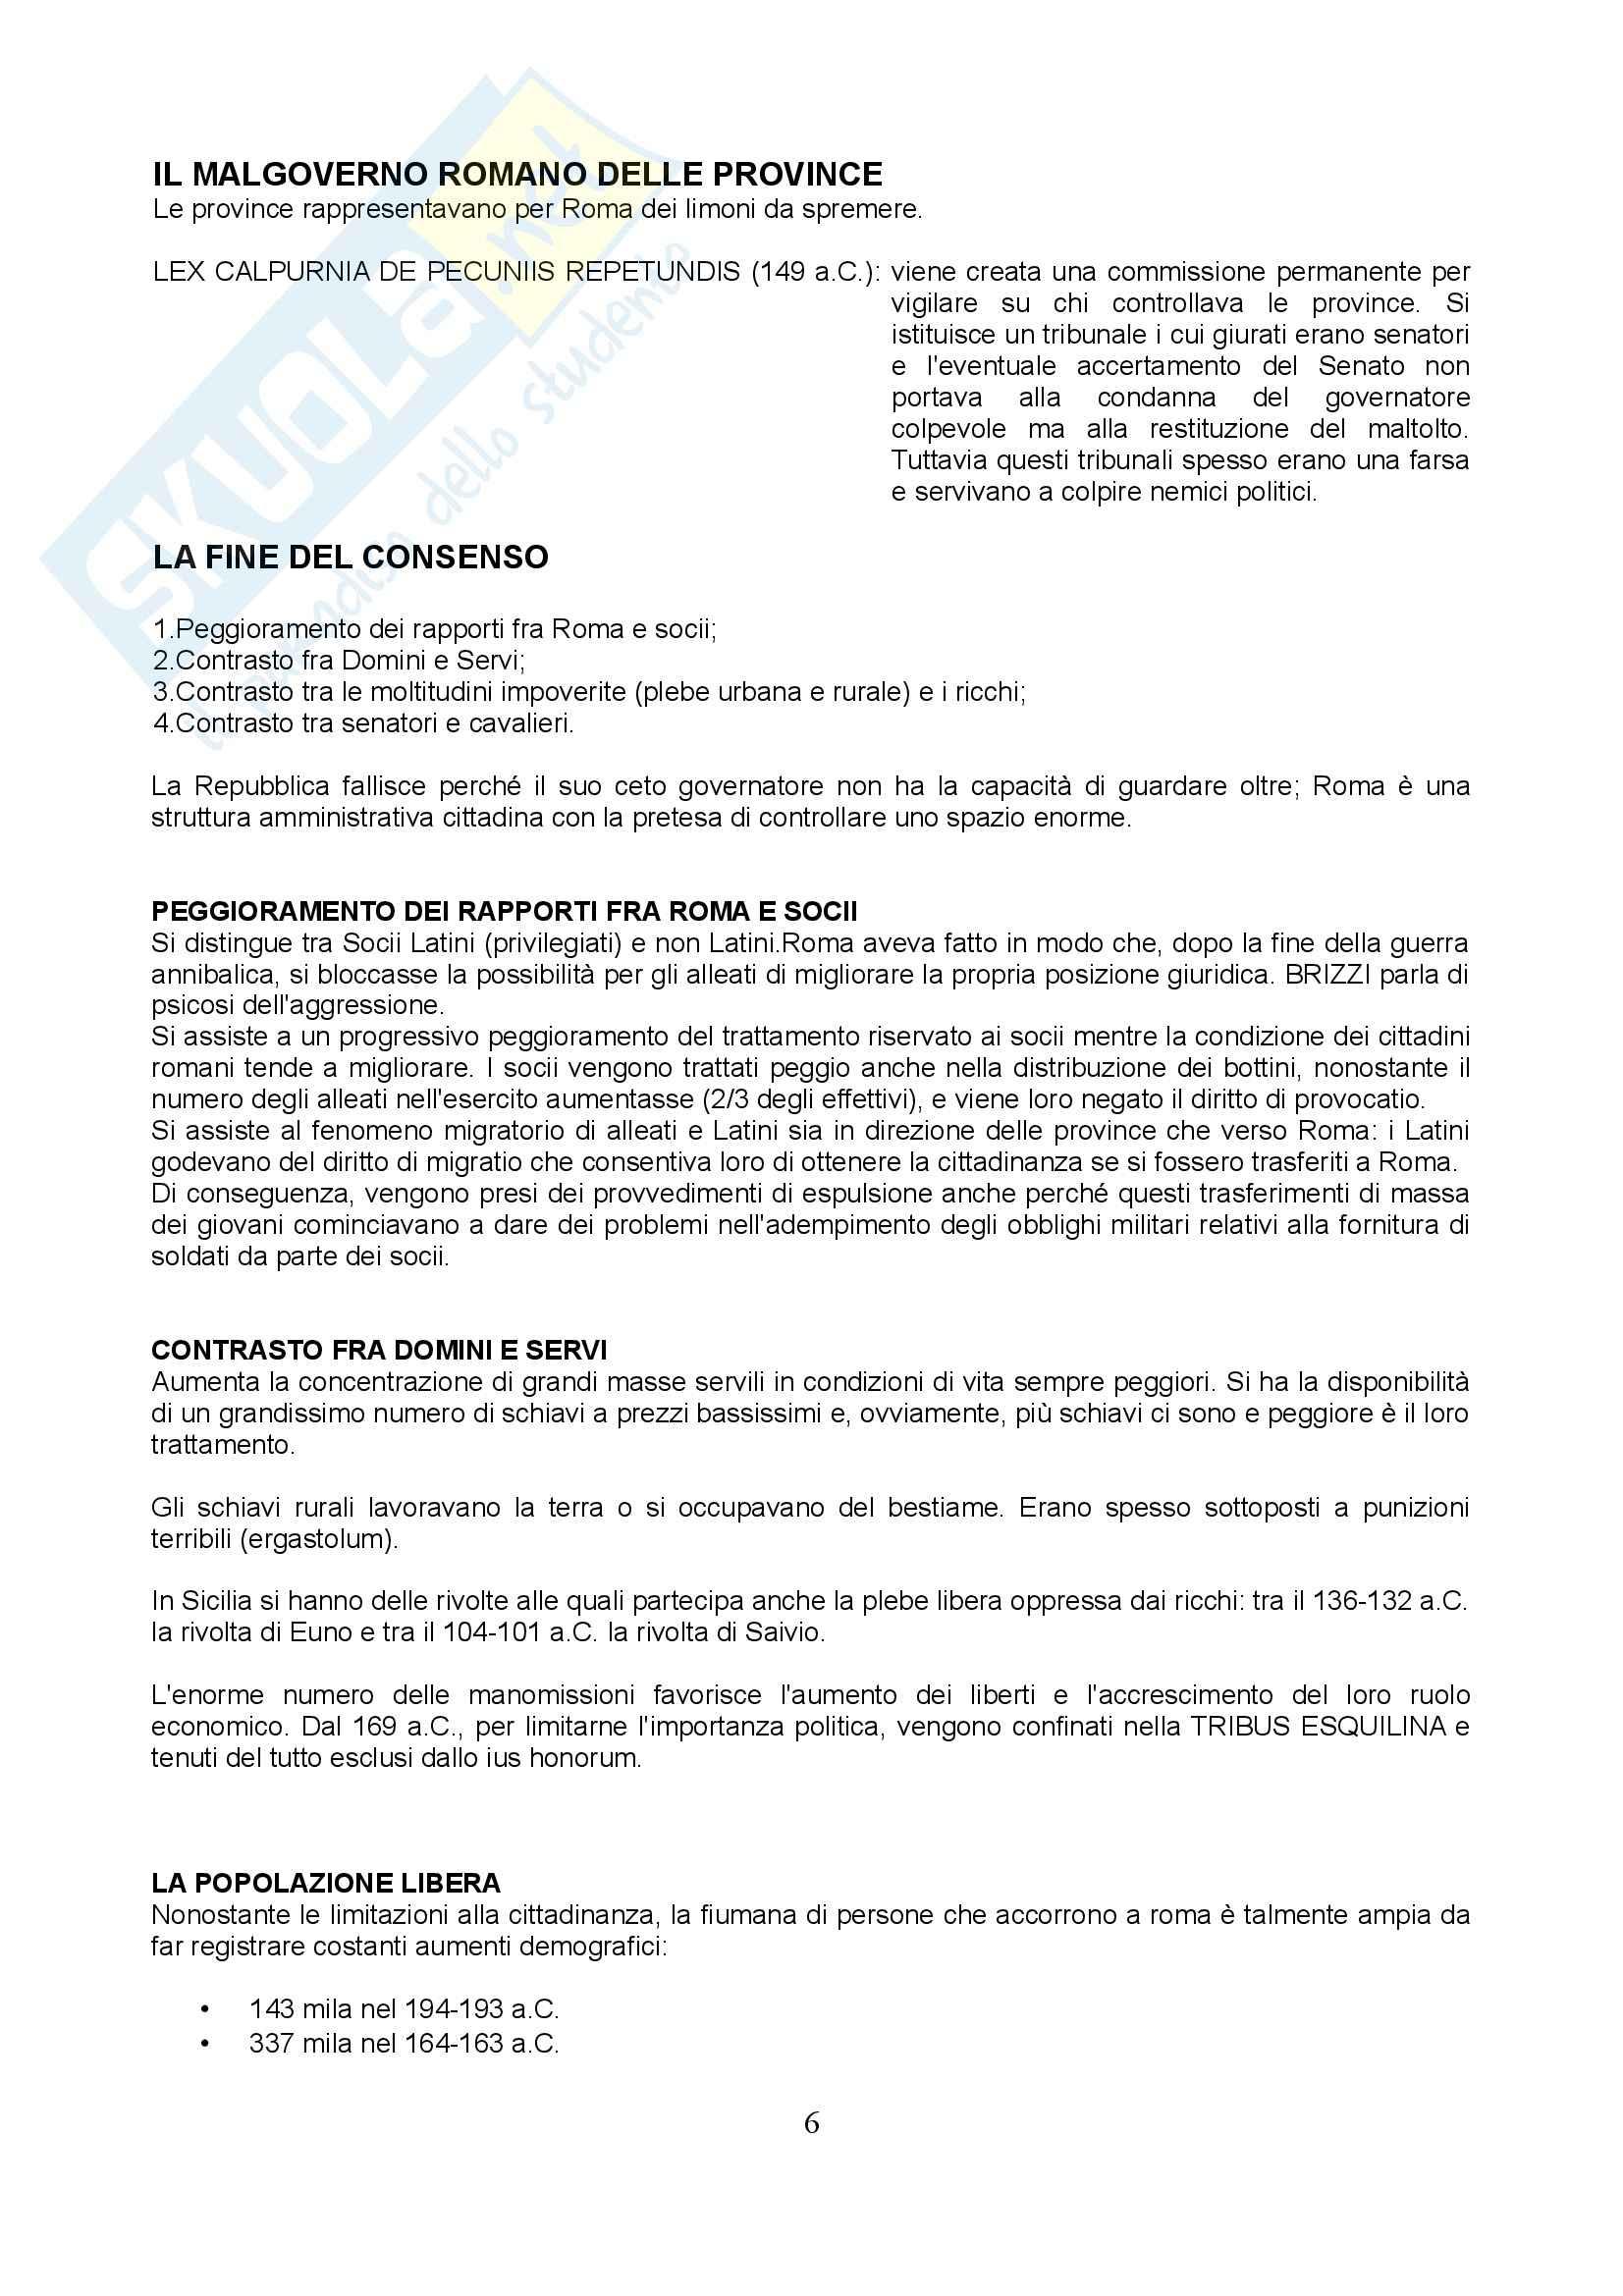 Storia romana 2 - Lucio Cornelio Silla Pag. 6